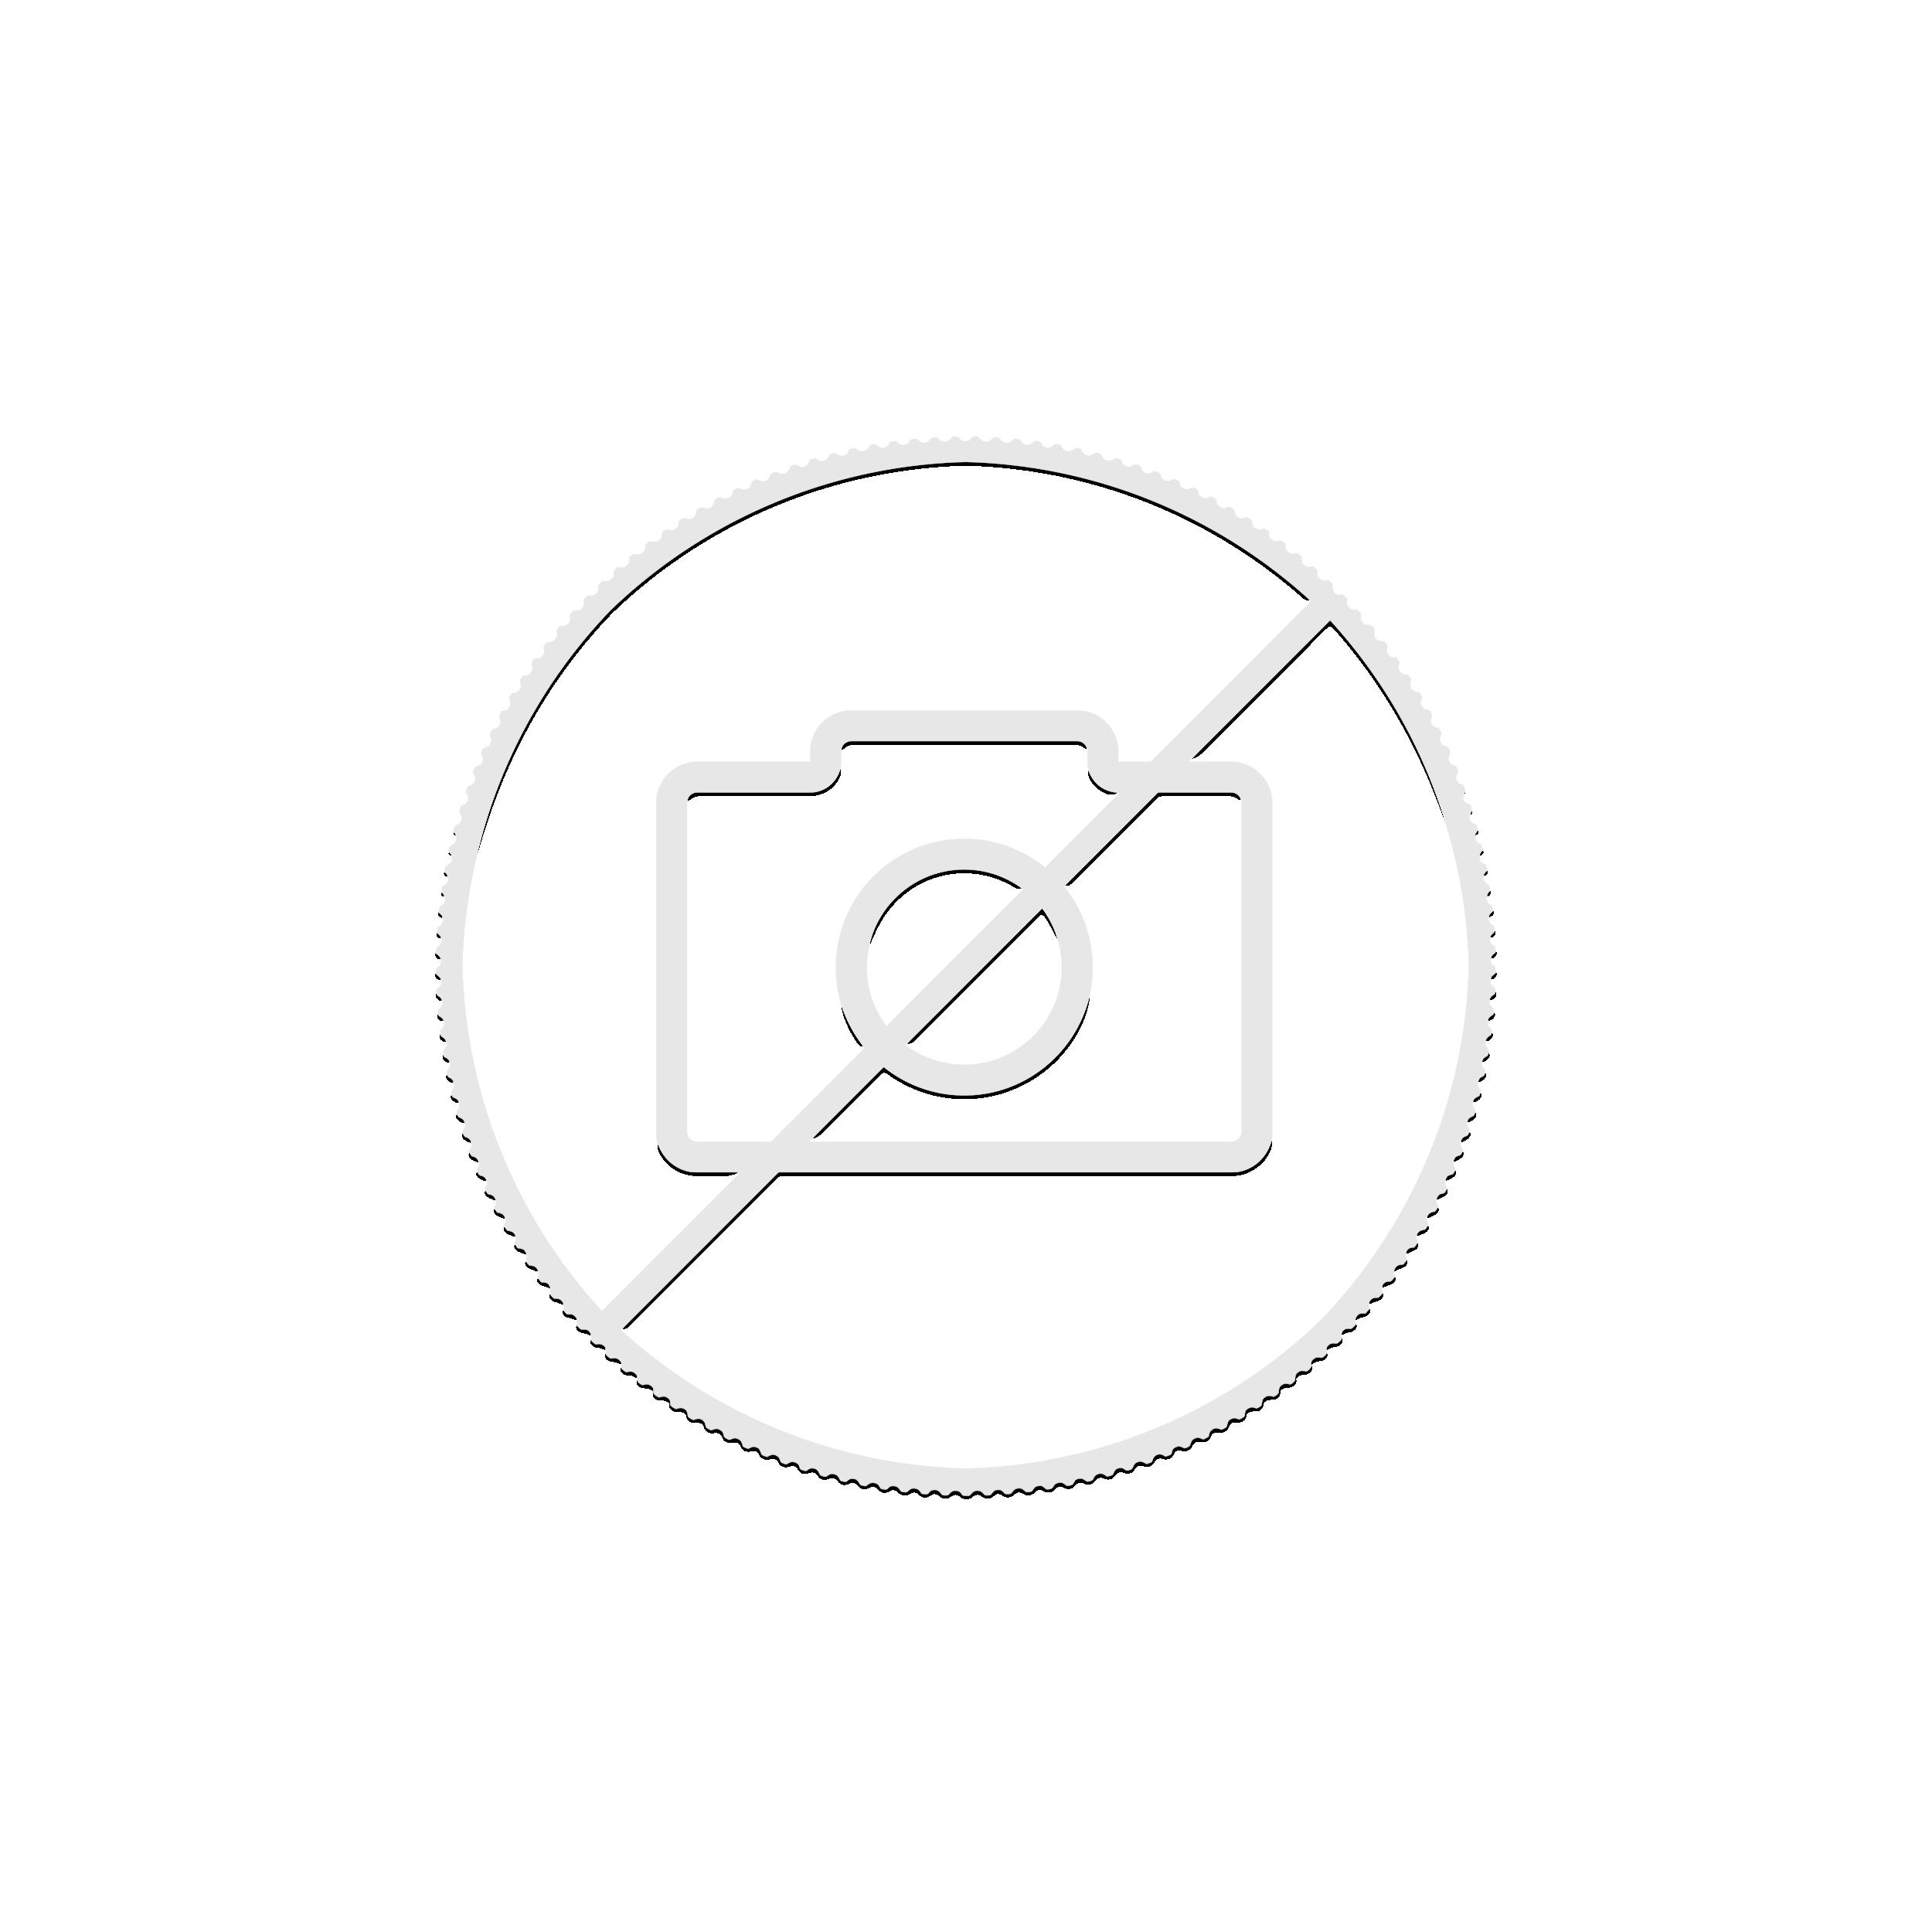 Gold ten euro coin 2004 - 'Koninkrijksmunt'